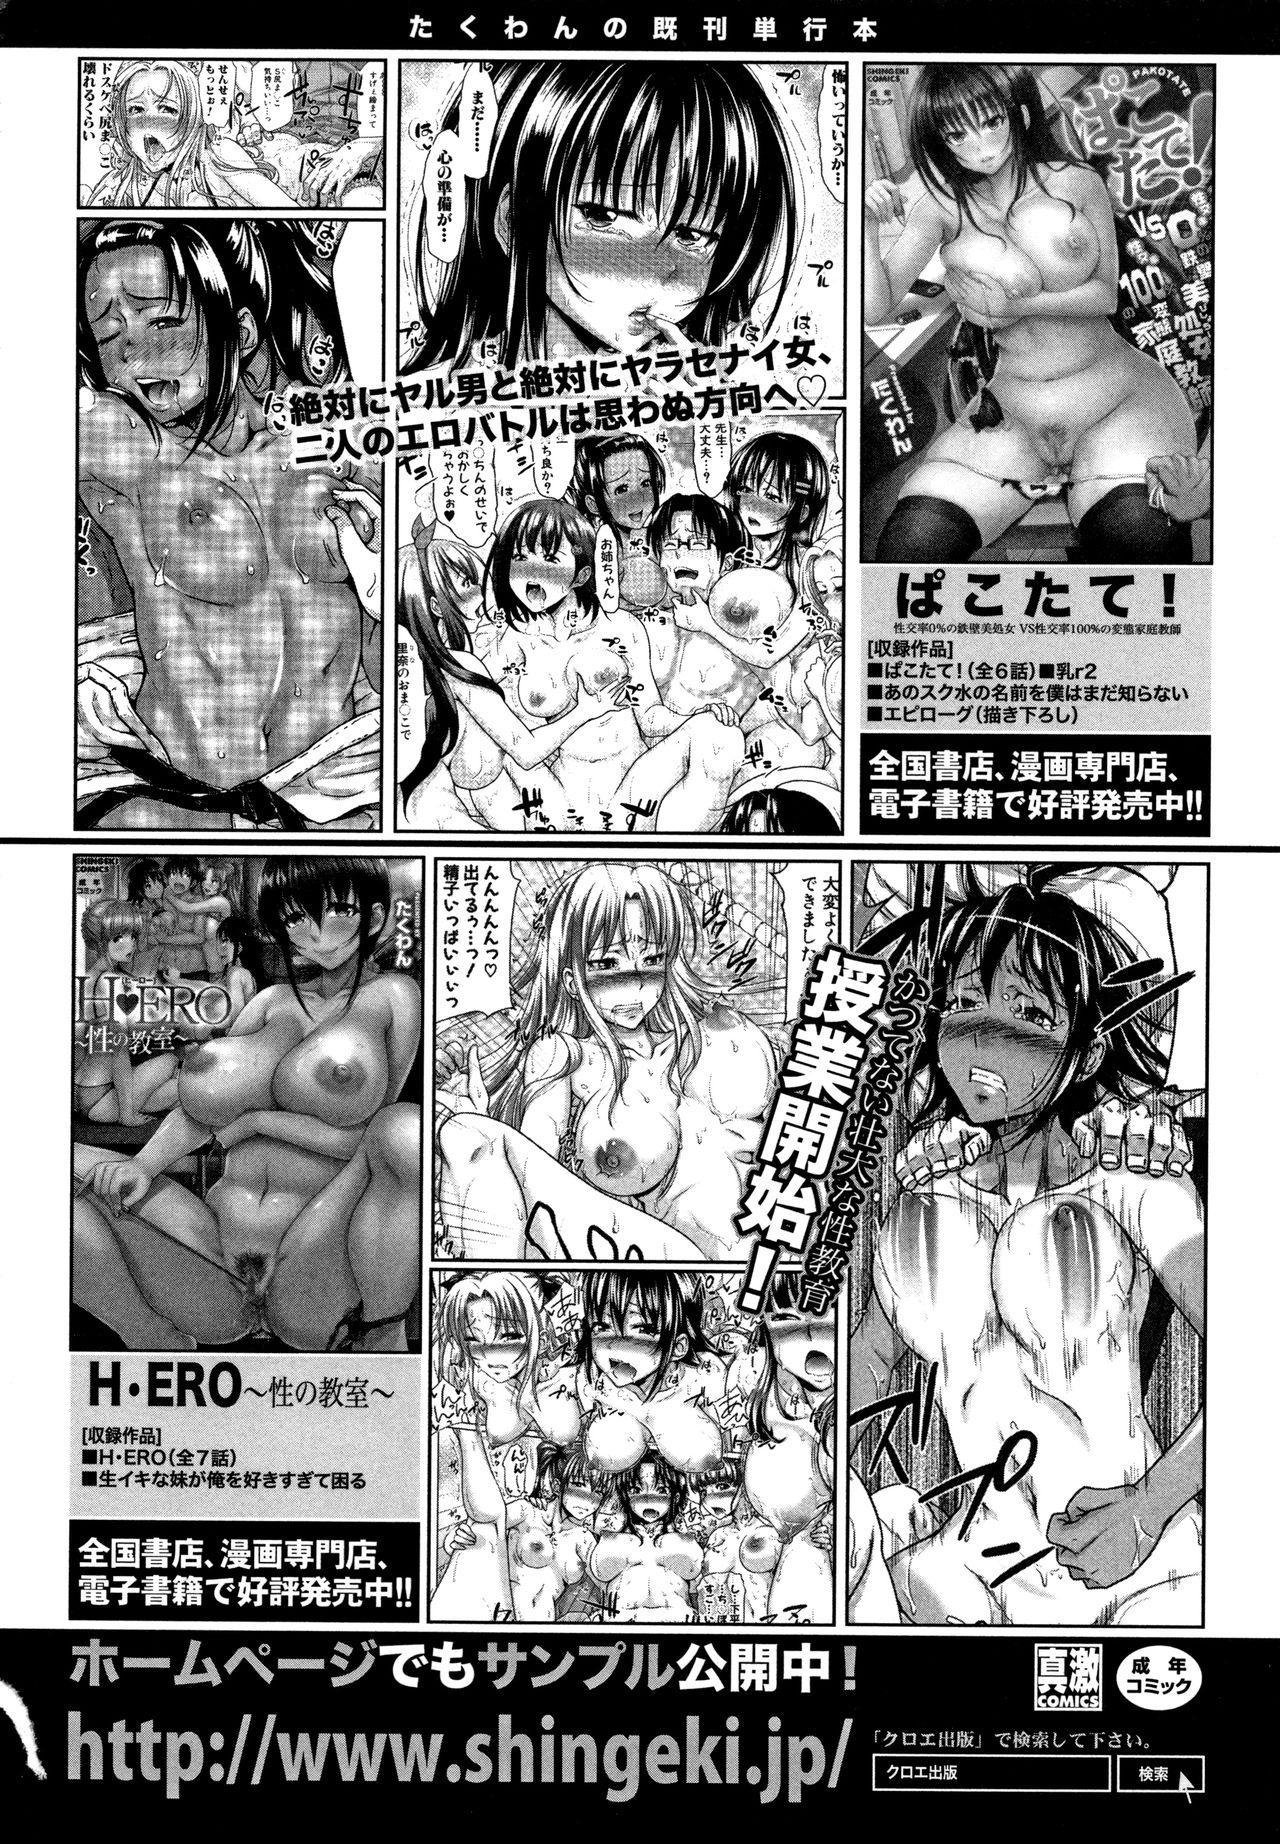 Imouto Bero Chu Sex 203